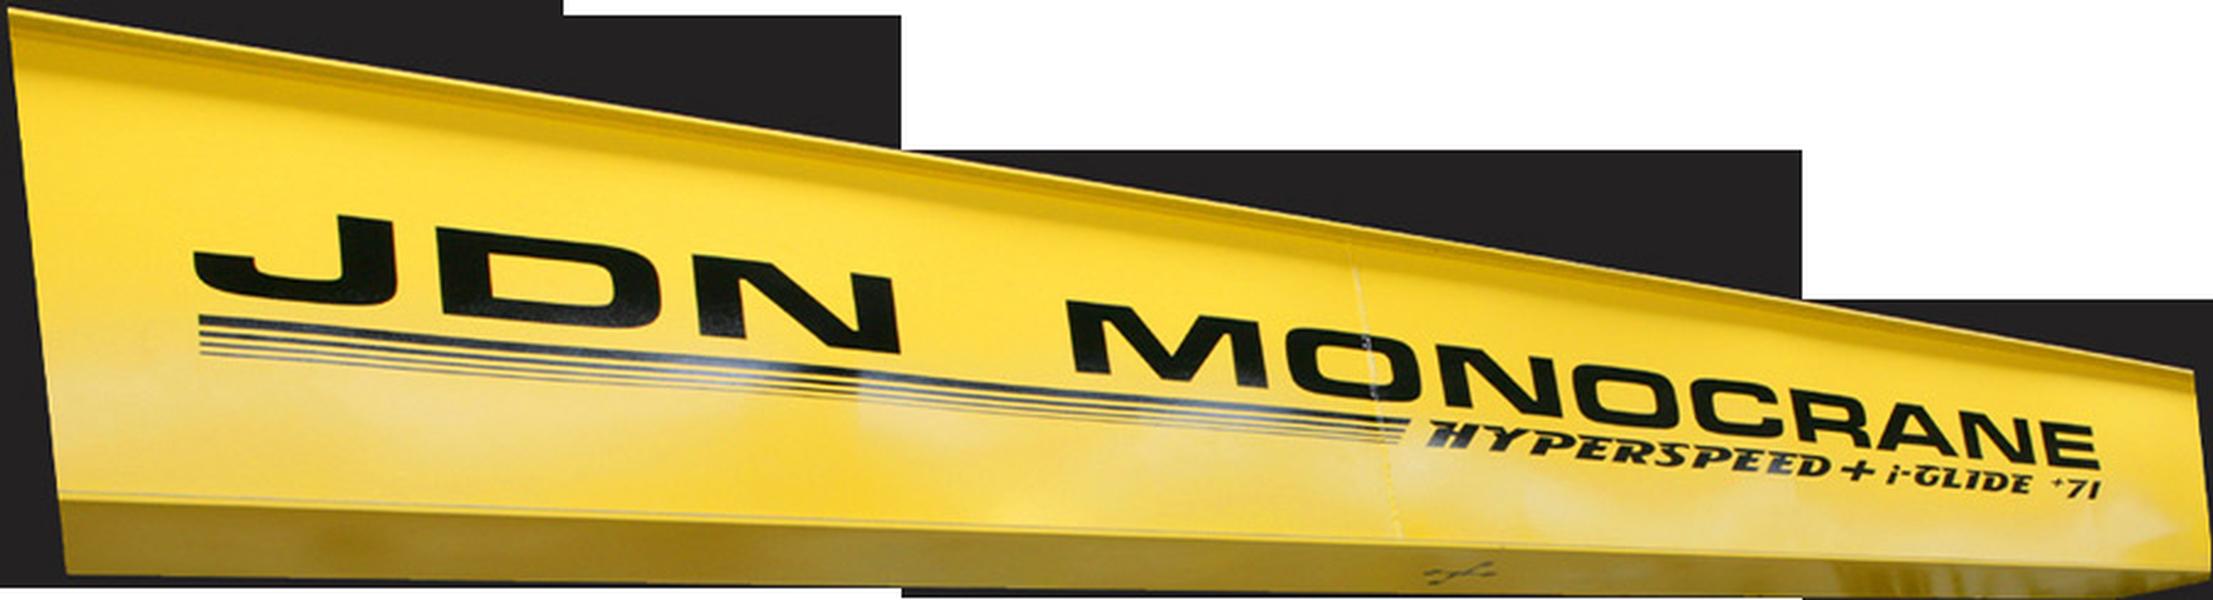 JDN Monocrane